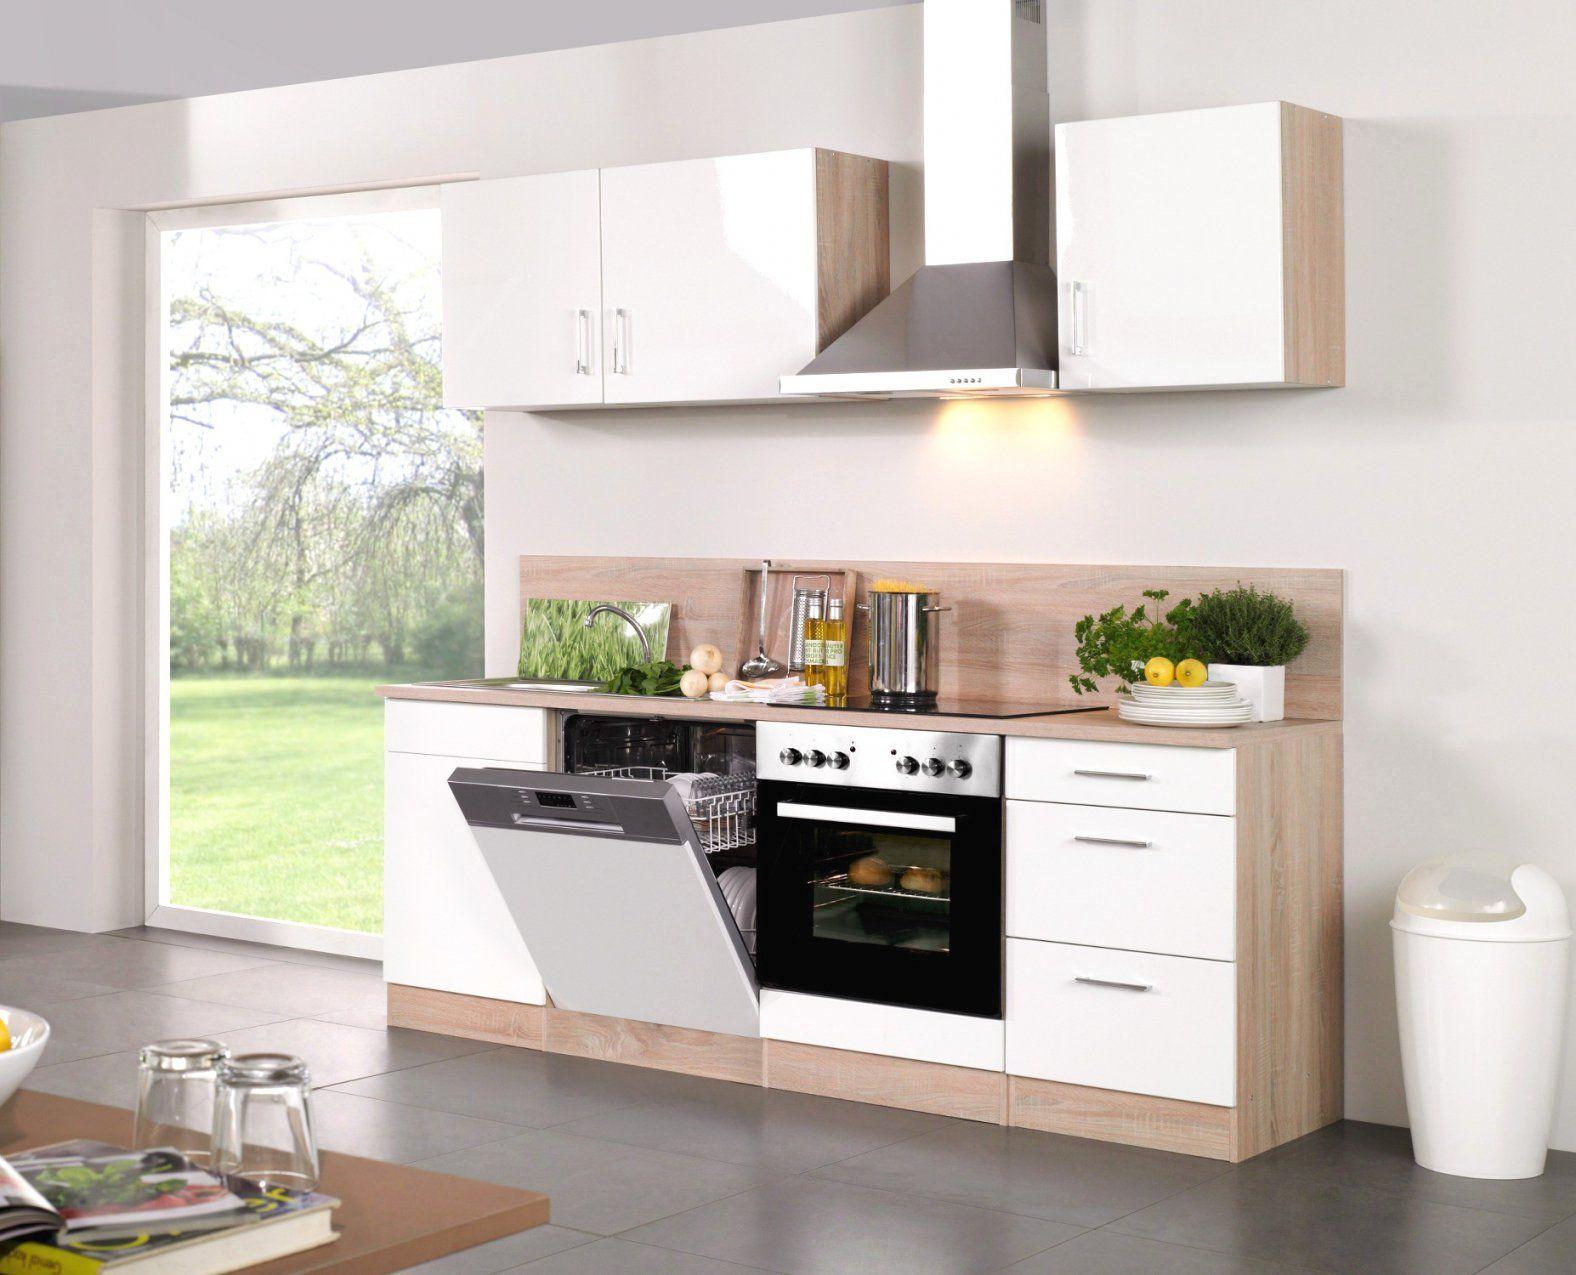 Gute Ideen Küche Ohne Kühlschrank Und Geniale Küchenblock Am Besten von Küchenzeile 220 Cm Mit Kühlschrank Bild